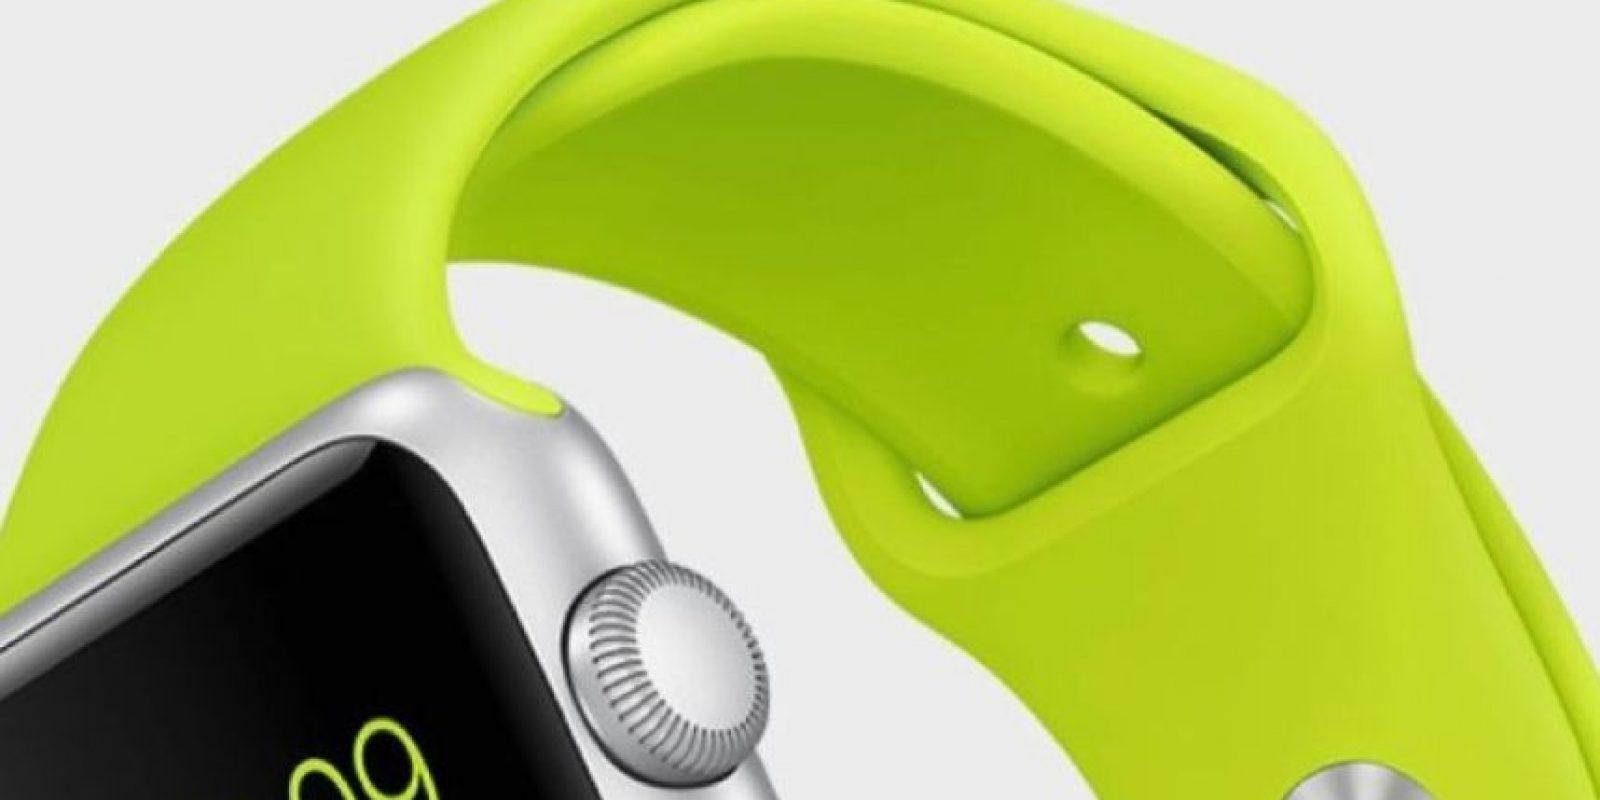 Por el momento únicamente se puede adquirir en nueve países, incluidos Estados Unidos y Canadá. Foto:Apple